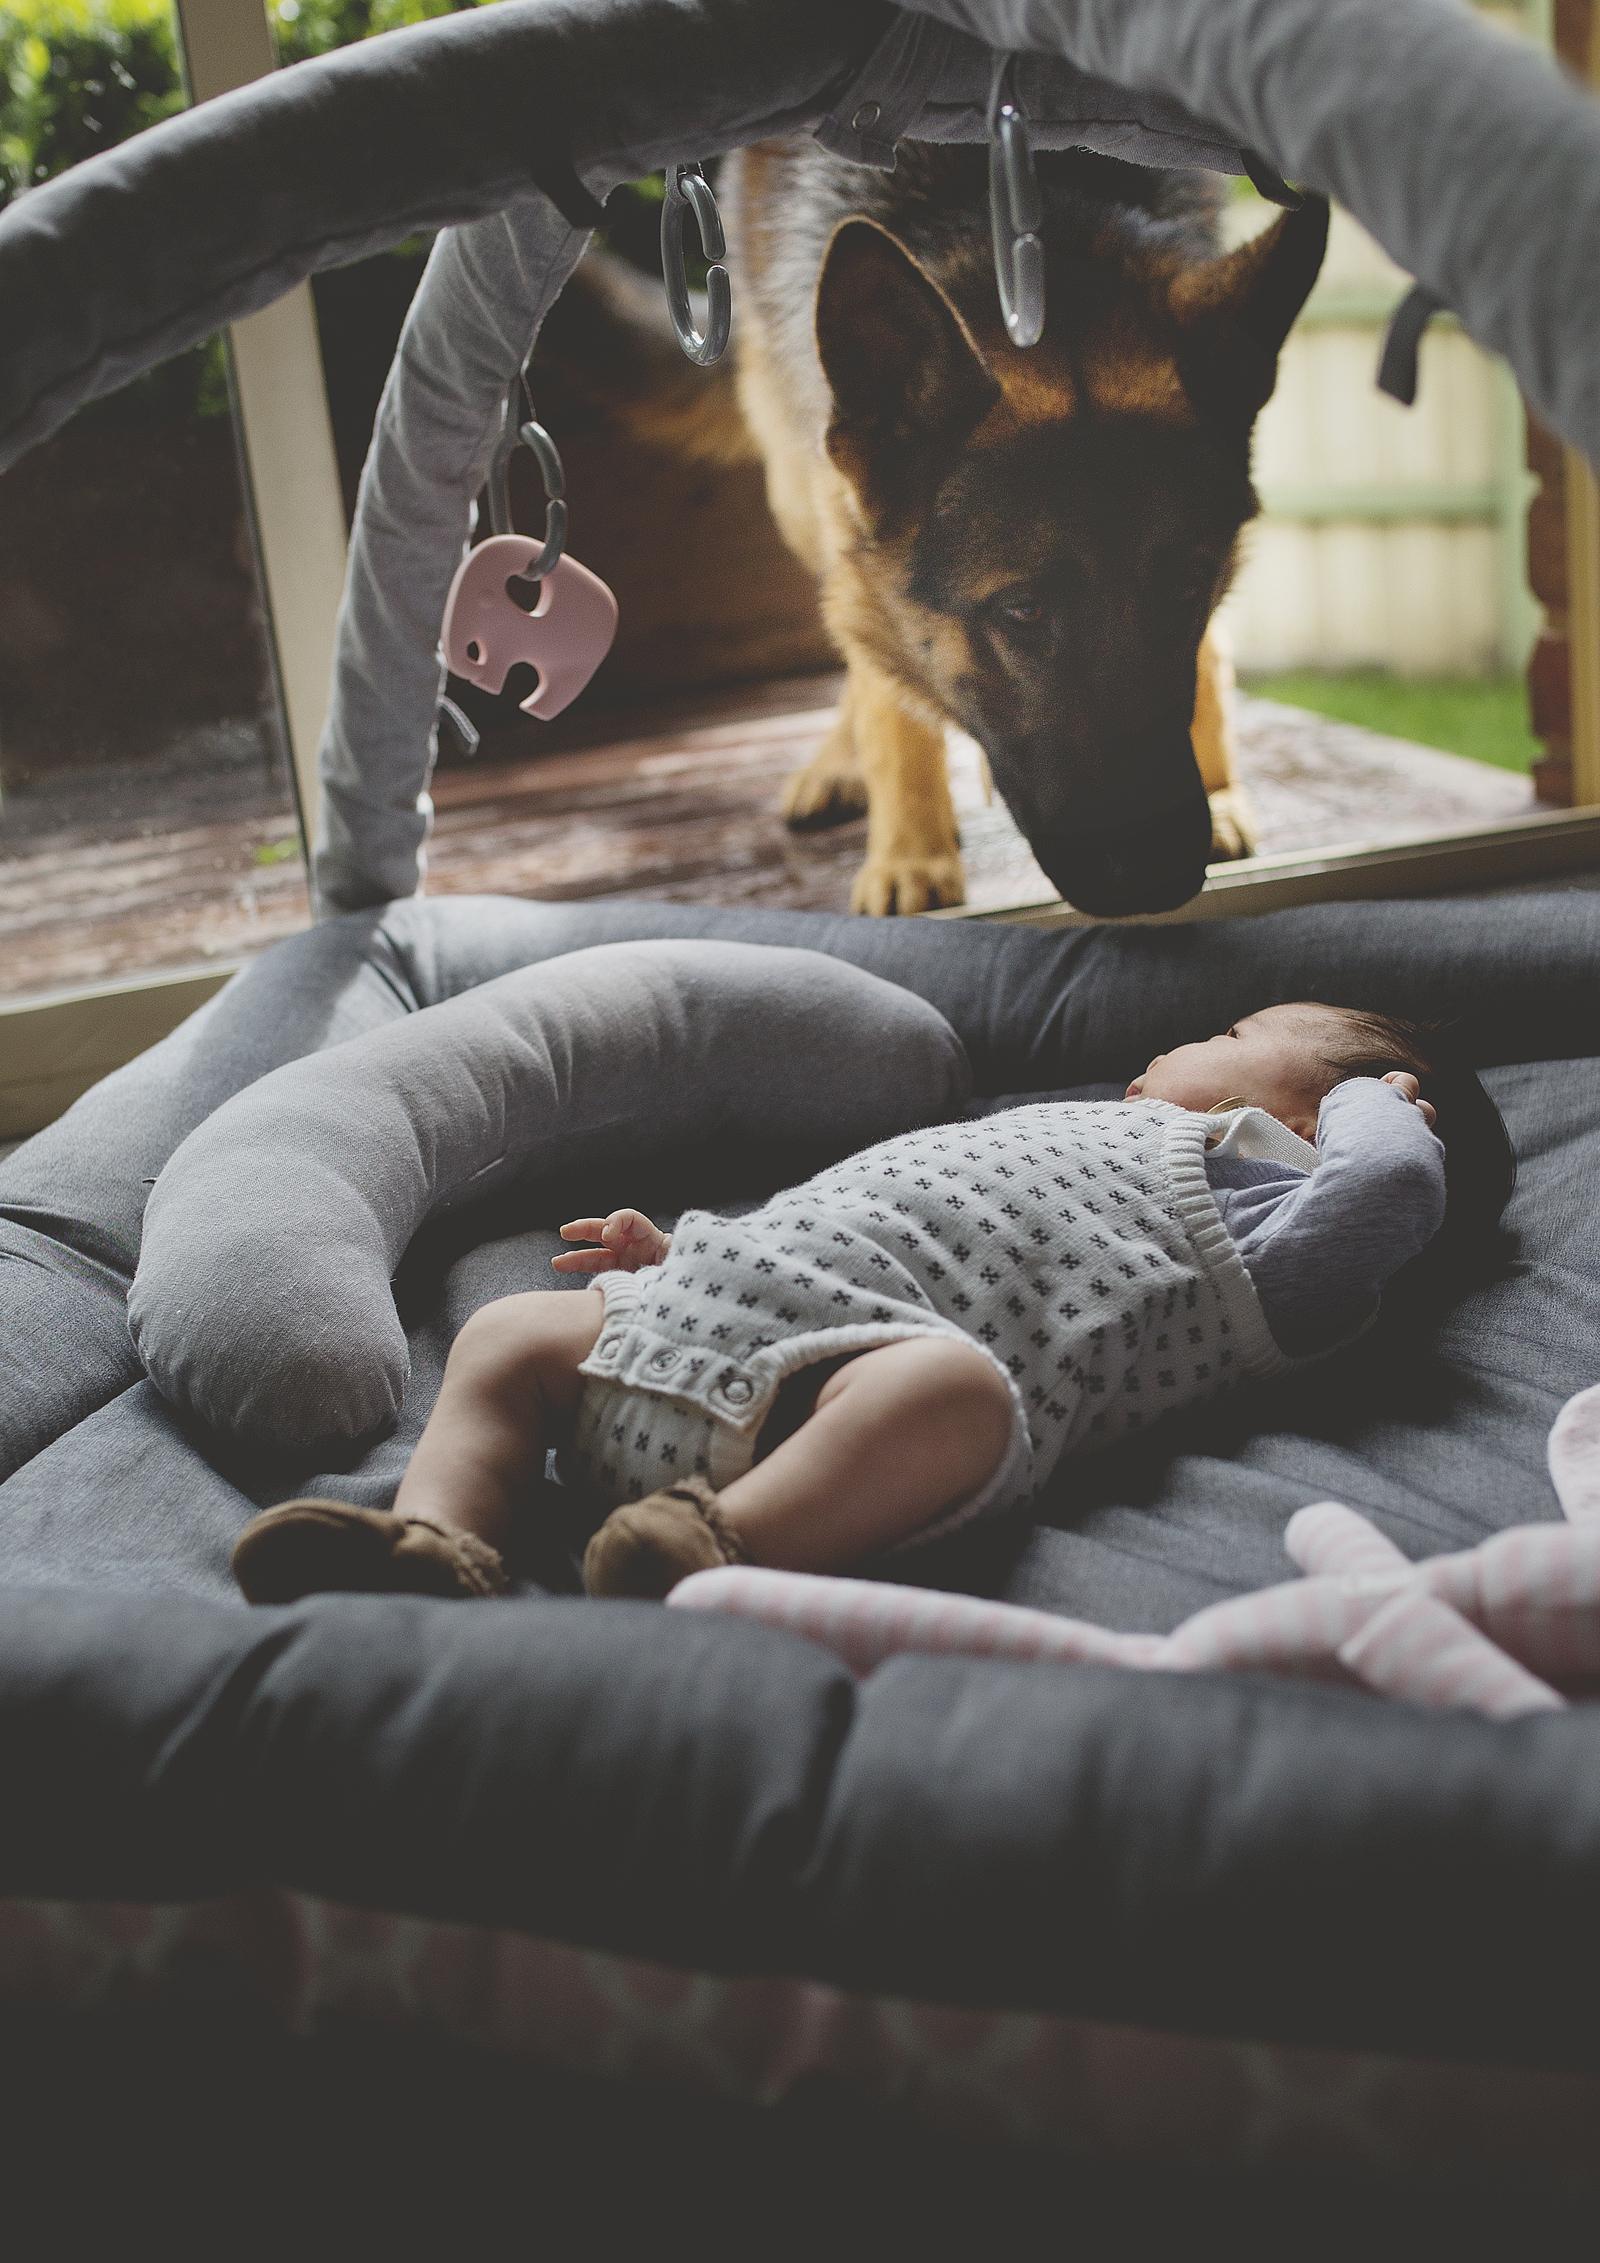 Family dog watching over newborn baby!